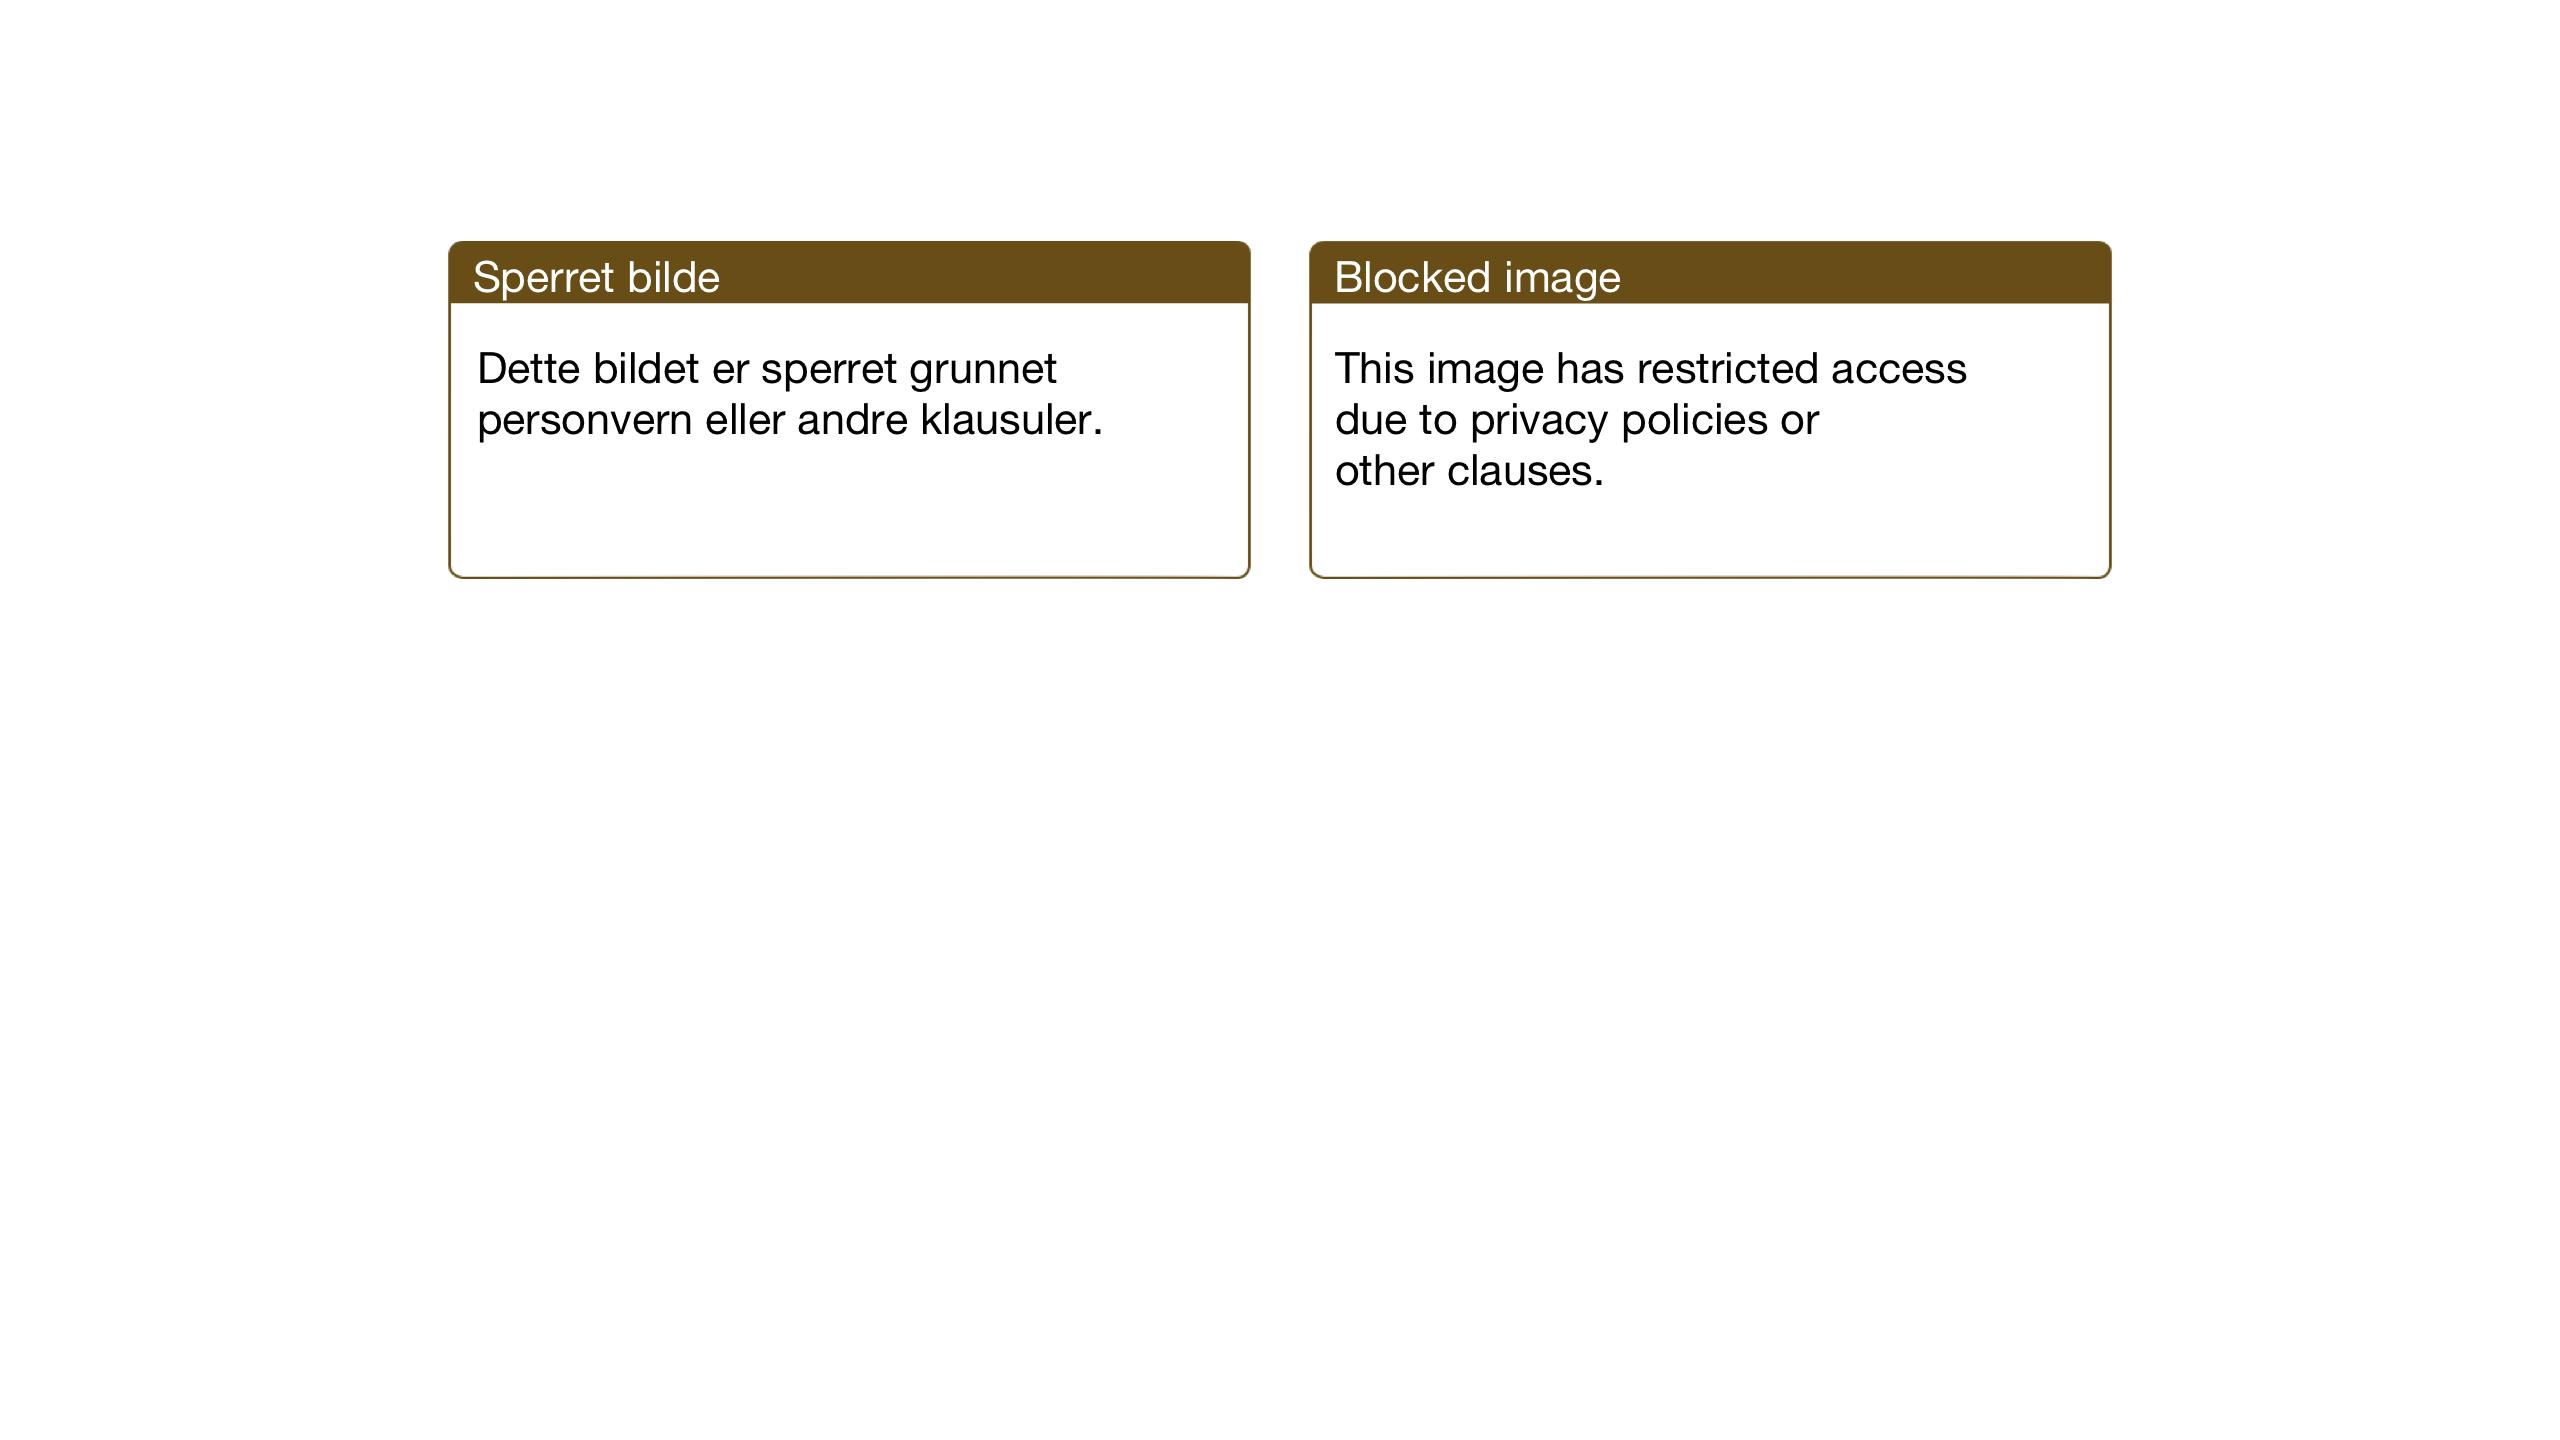 SAT, Ministerialprotokoller, klokkerbøker og fødselsregistre - Sør-Trøndelag, 618/L0454: Klokkerbok nr. 618C05, 1926-1946, s. 22